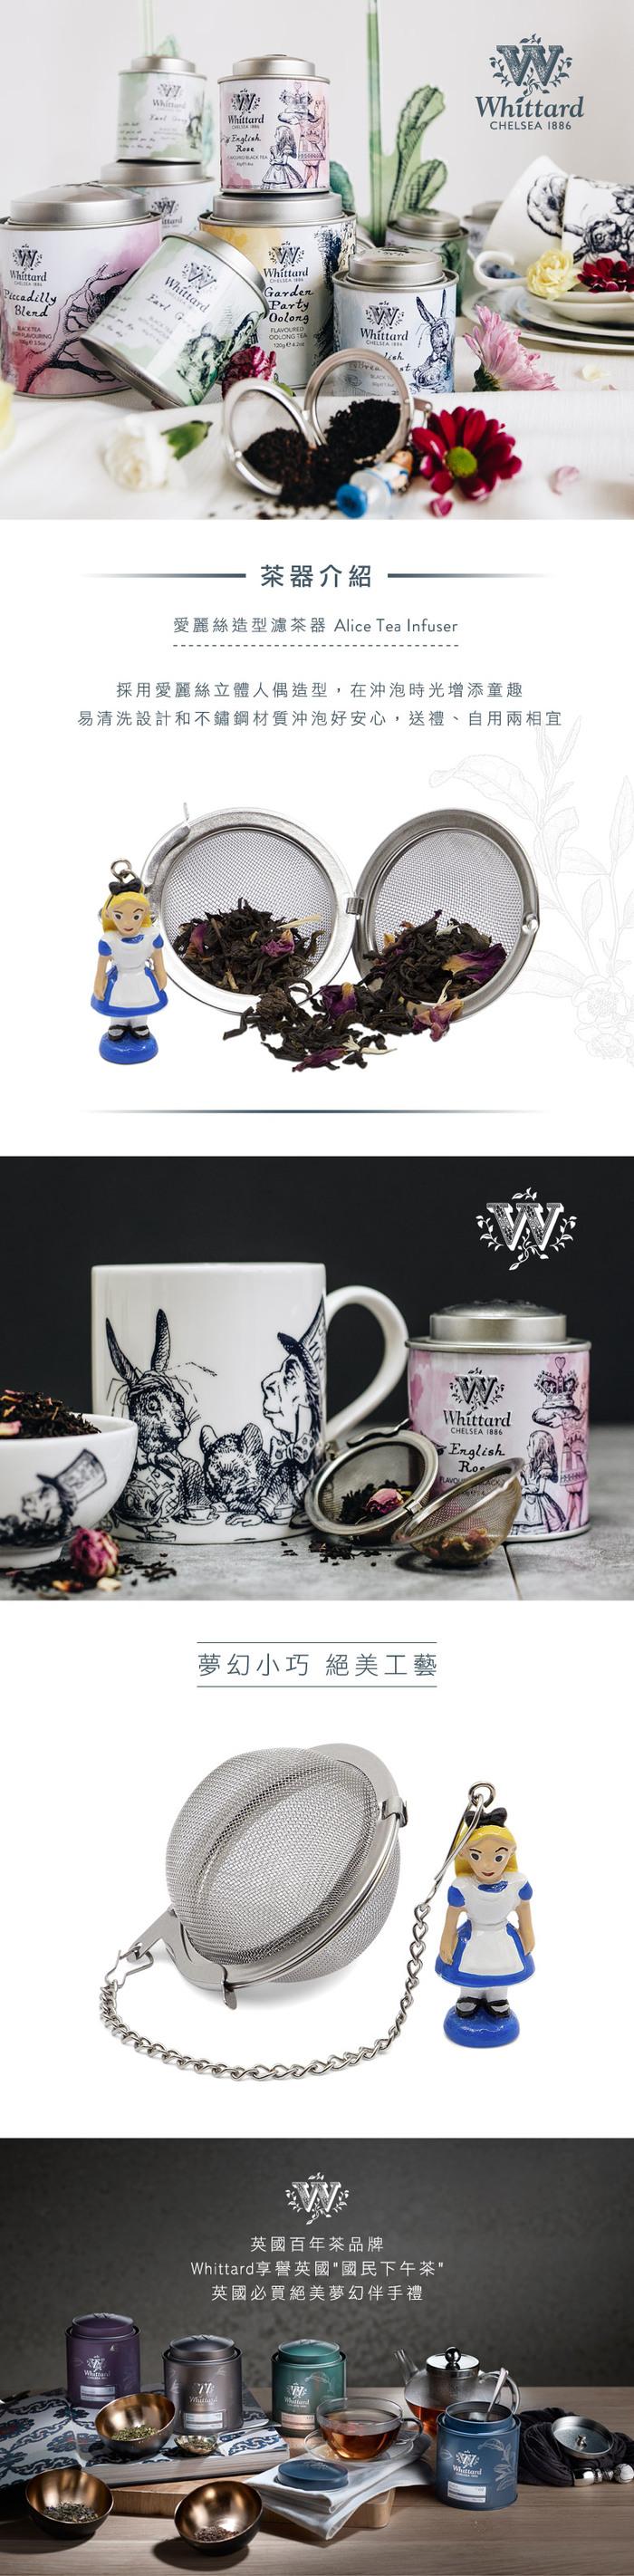 (複製)Whittard | 茶壺造型濾茶器